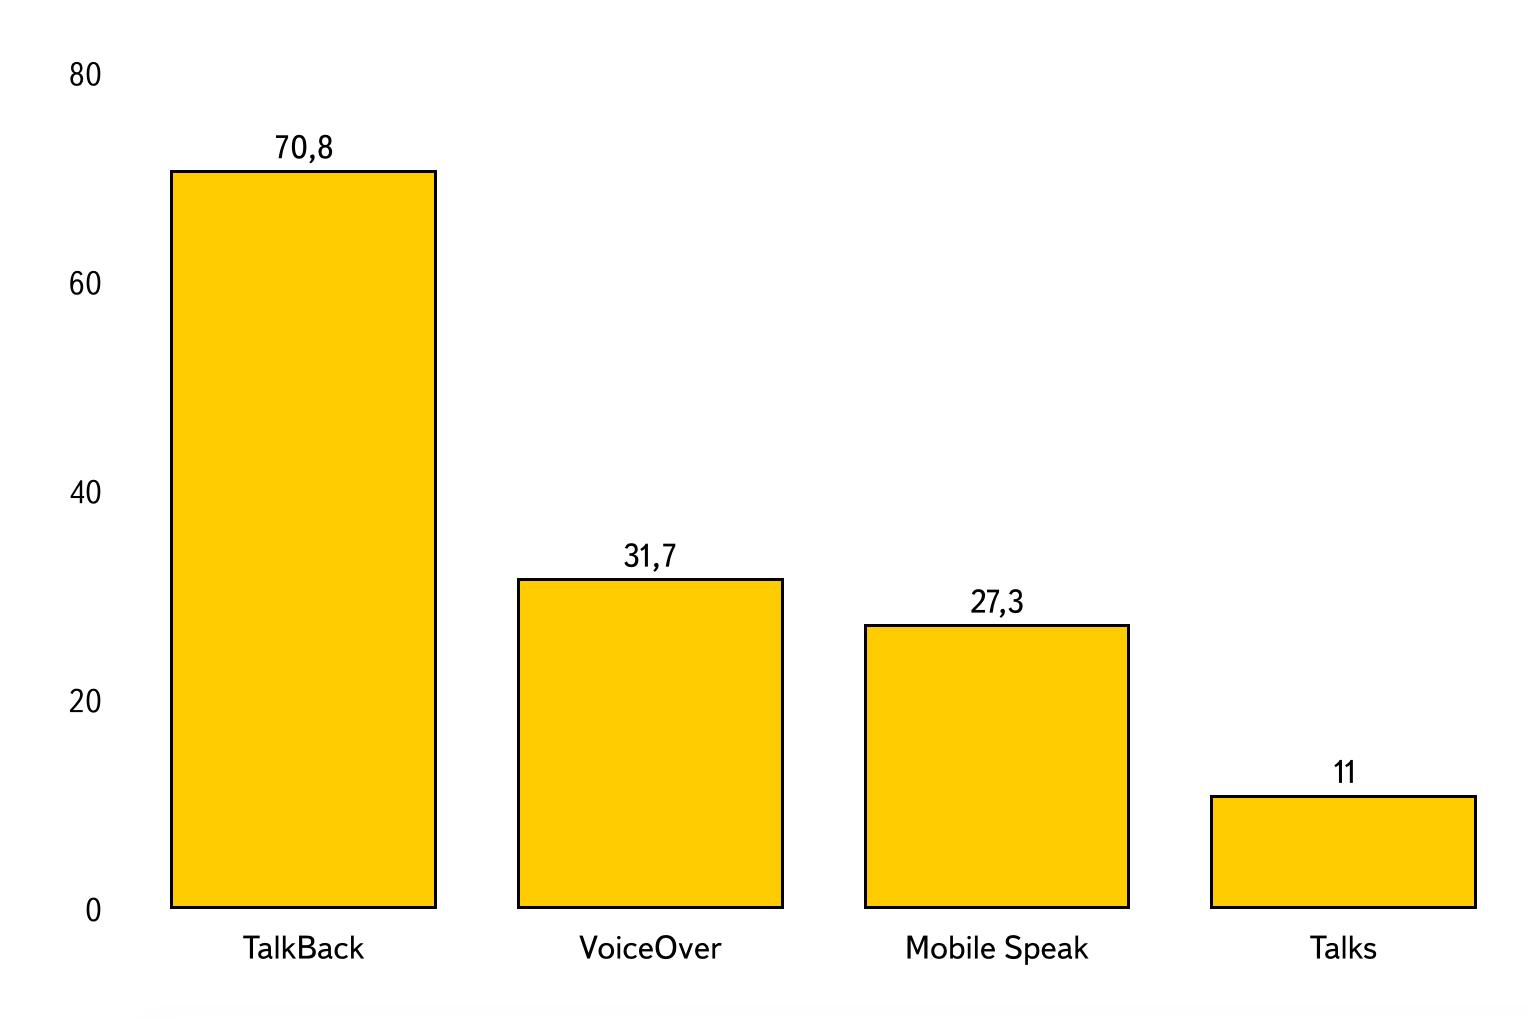 Диаграмма по данным таблицы 9